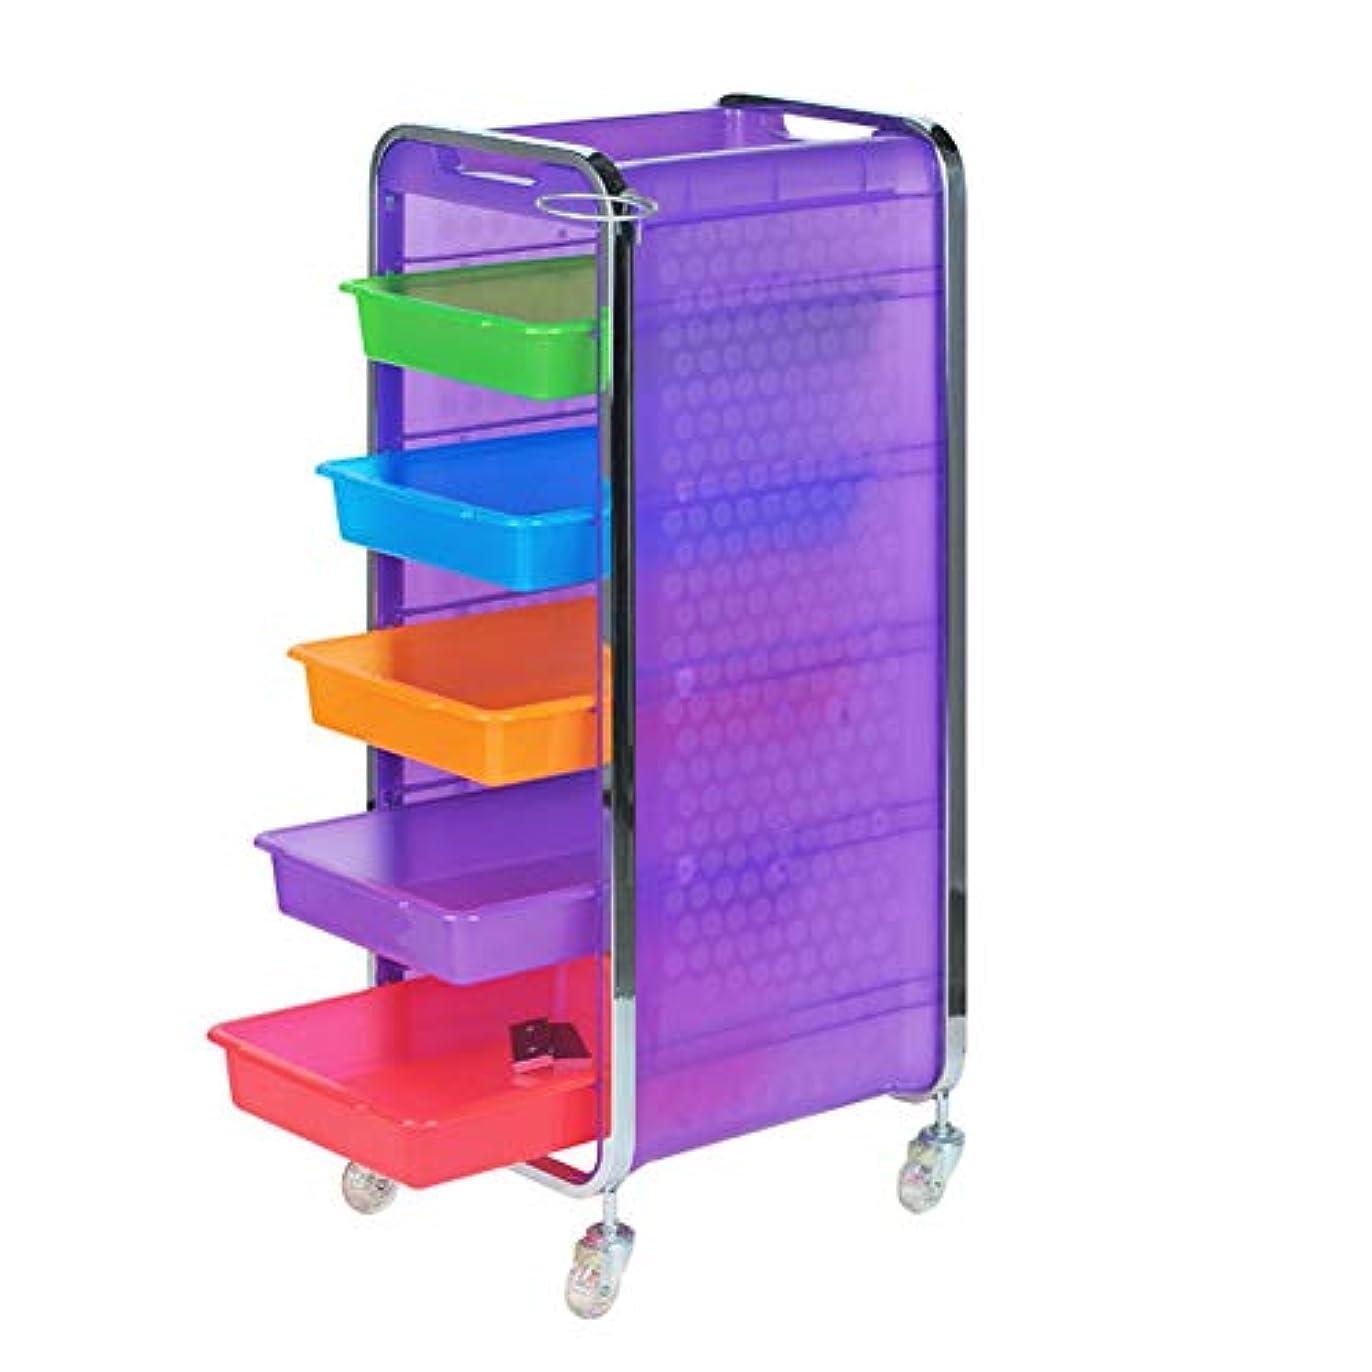 散逸十分ですスリンクサロン美容院トロリー美容美容収納カート6層トレイ多機能引き出し虹色,Purple,B